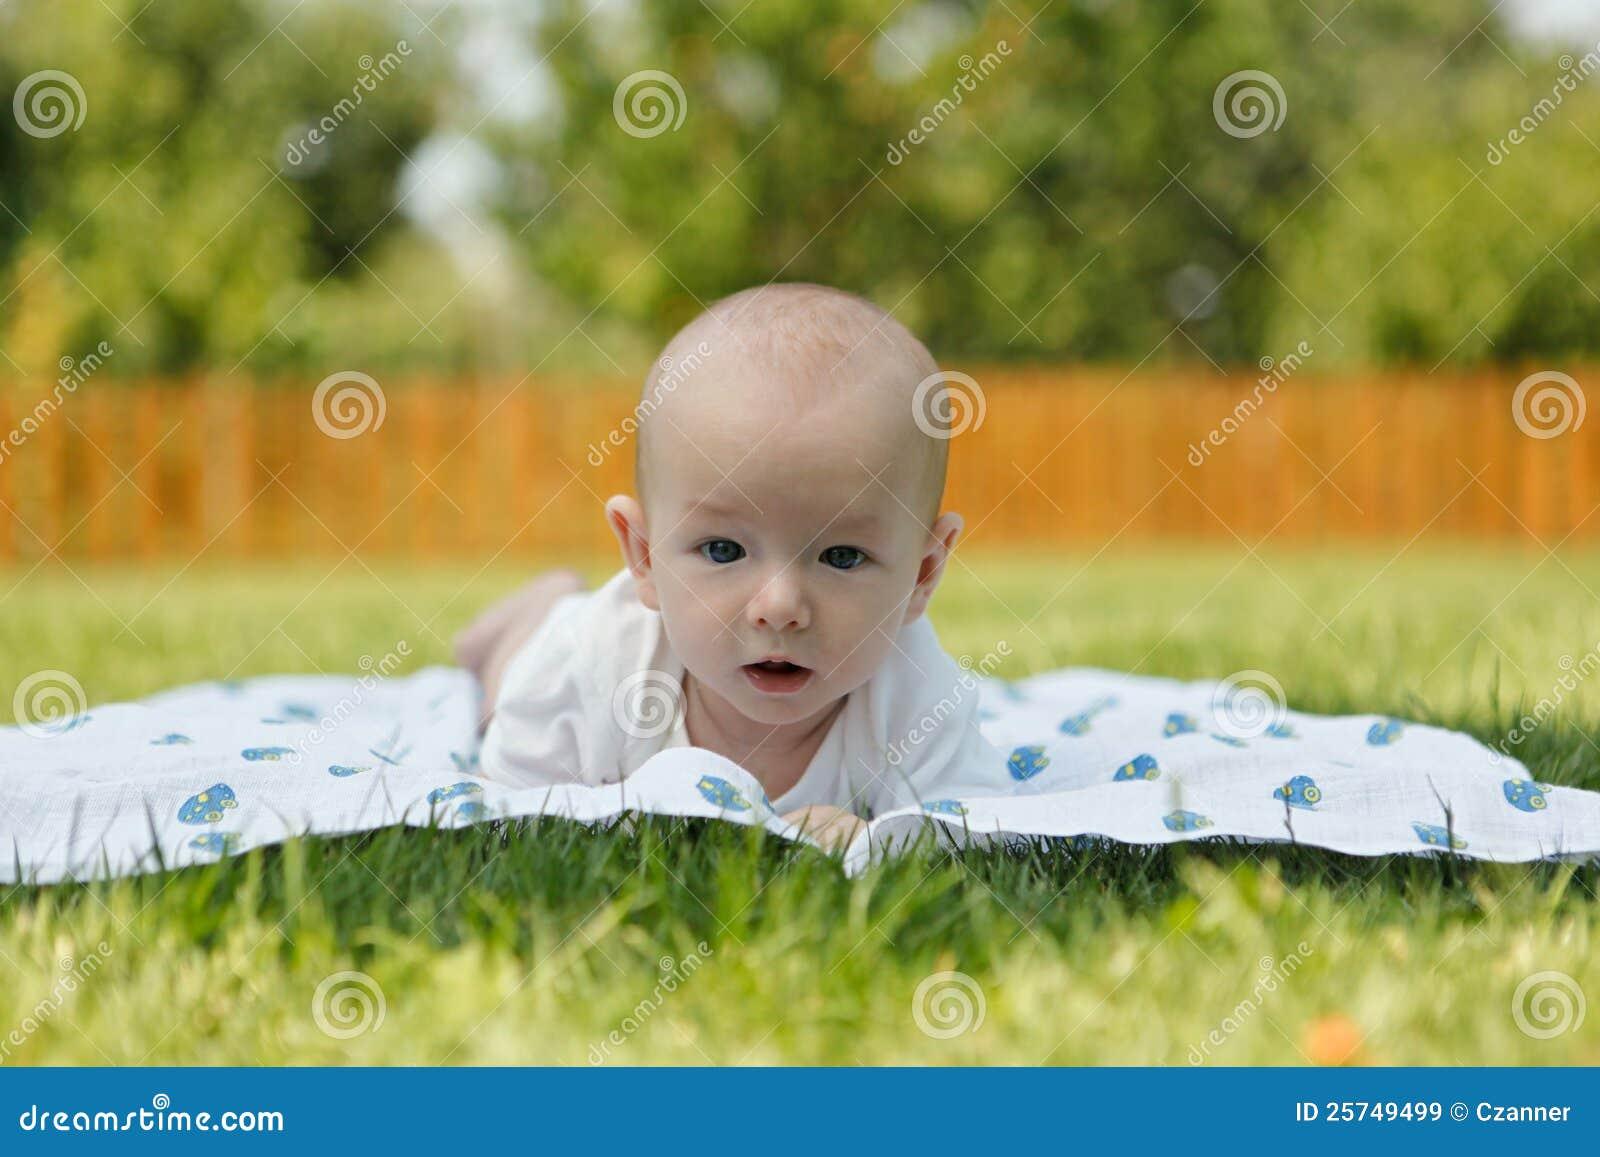 Portrait of sweet little baby boy